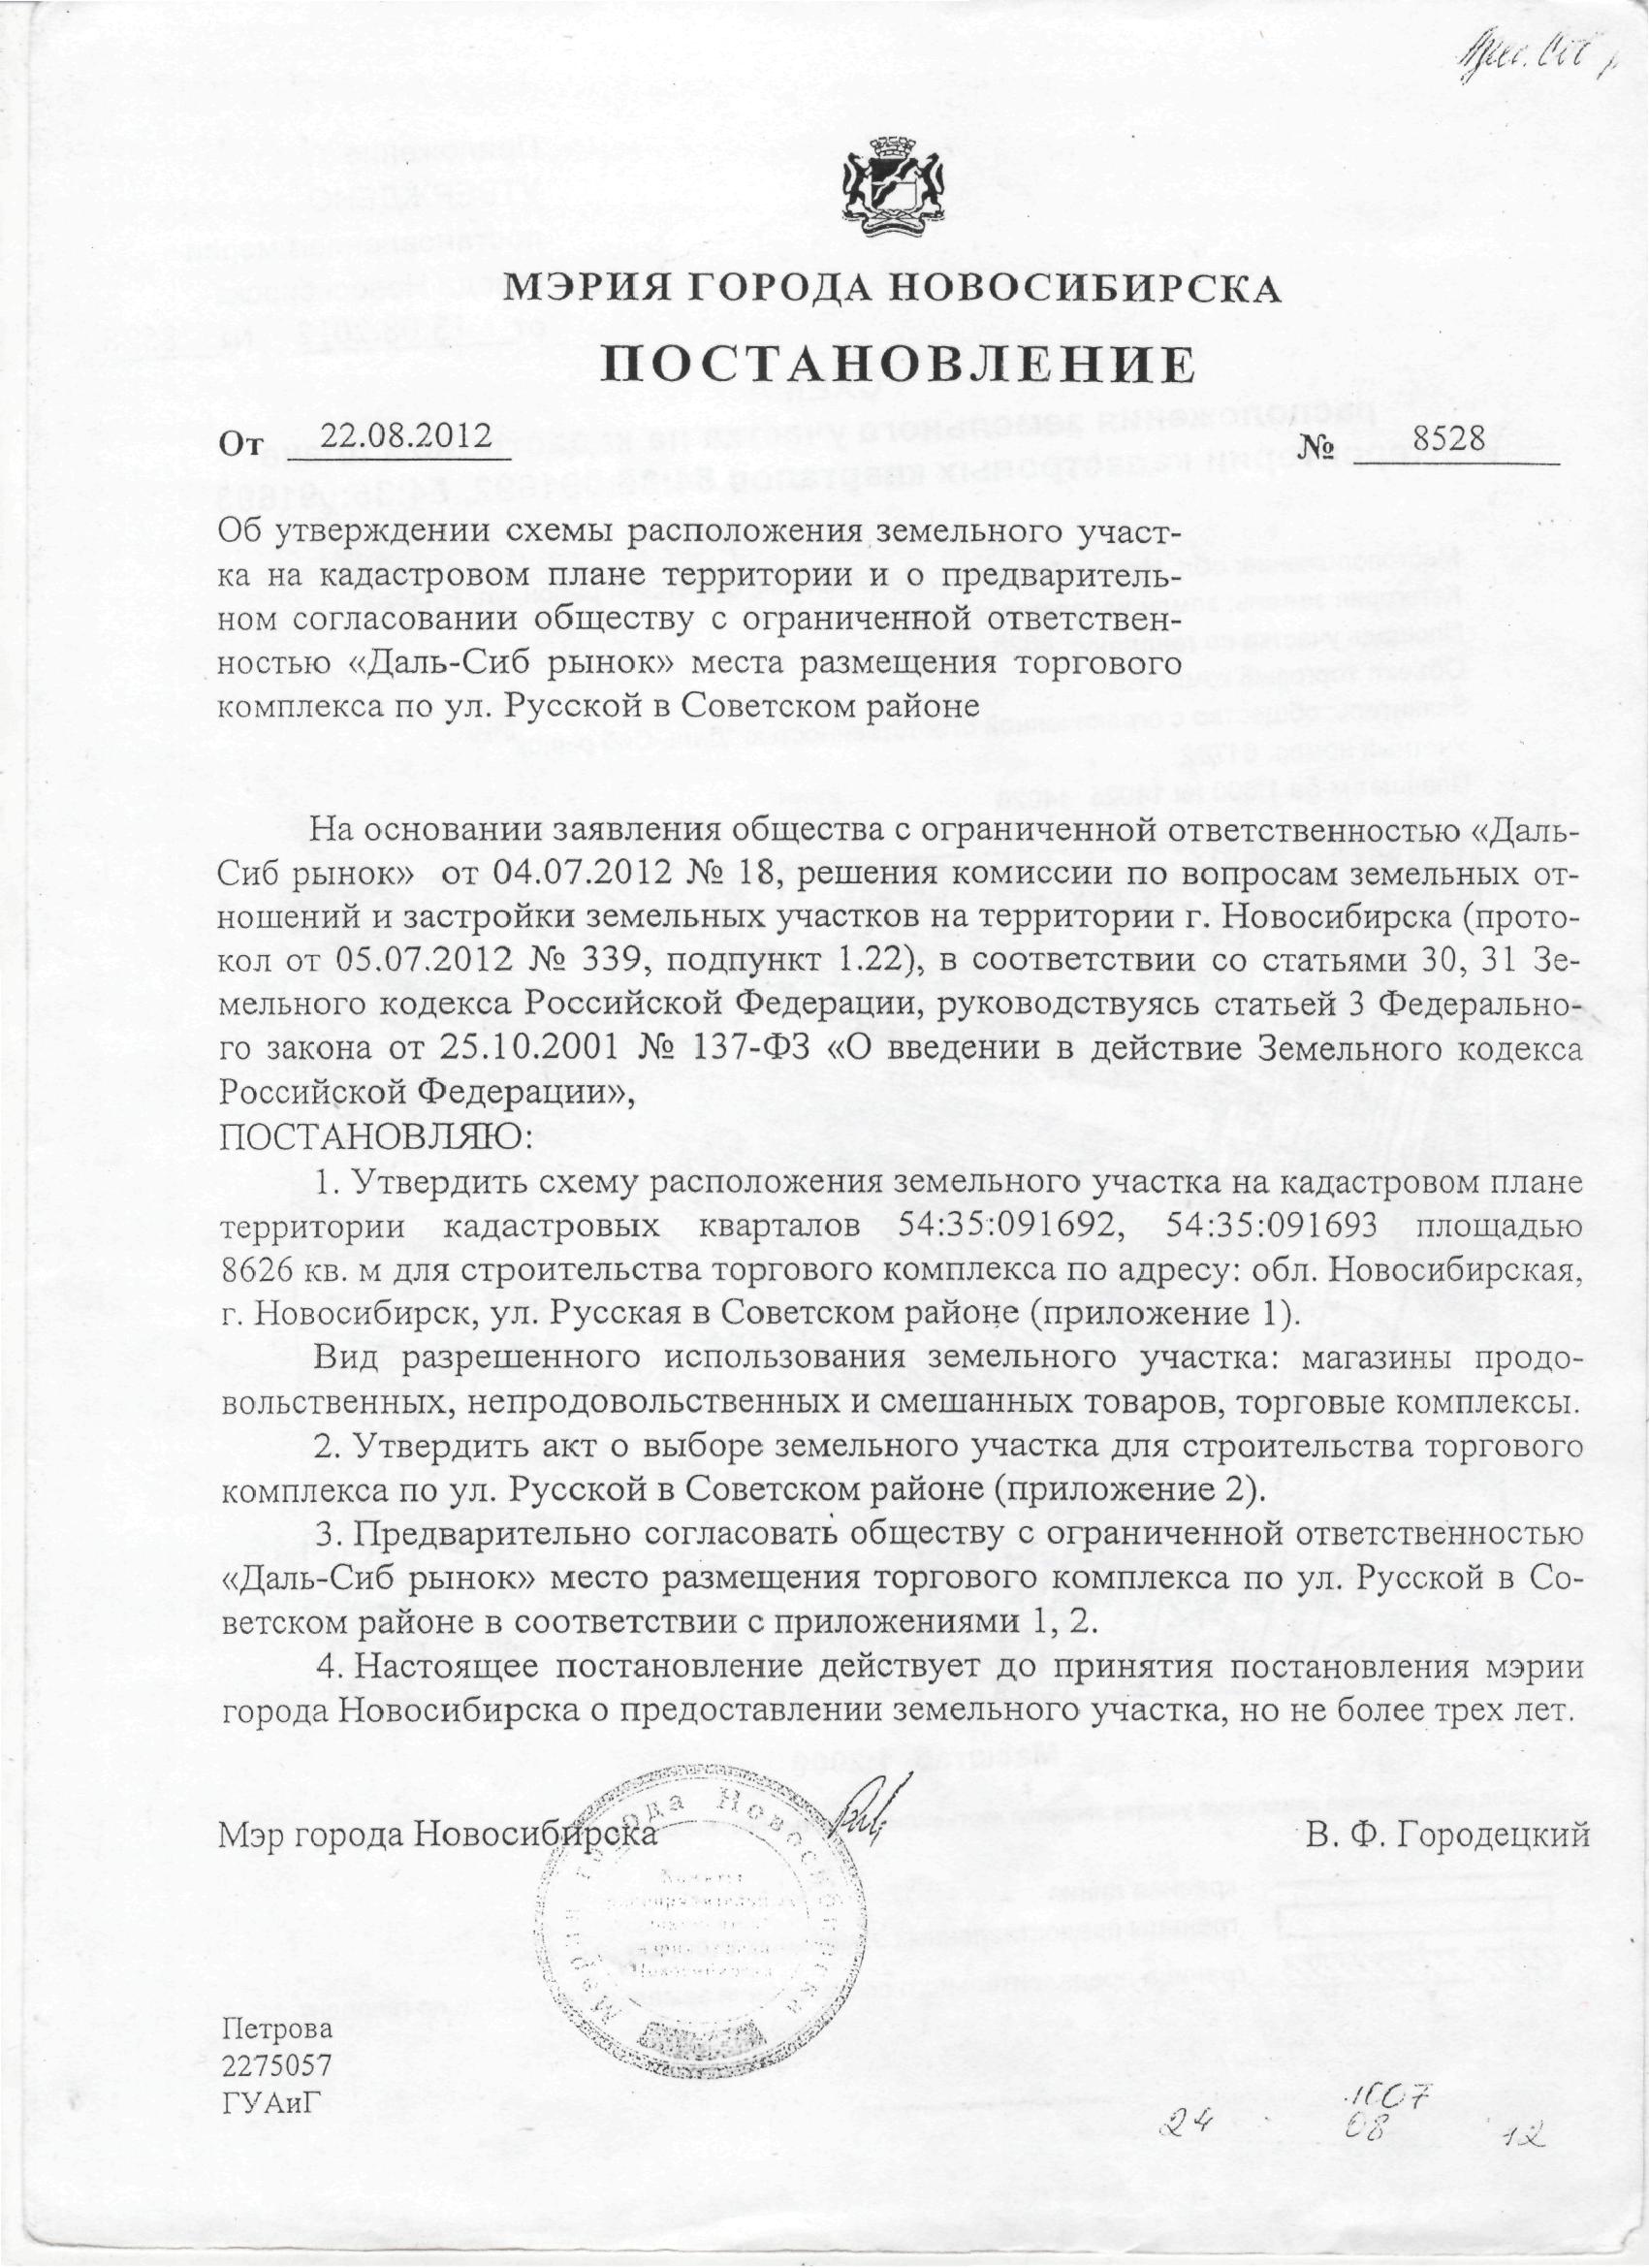 Распоряжение об утверждении схемы расположения земельного участка на кпт